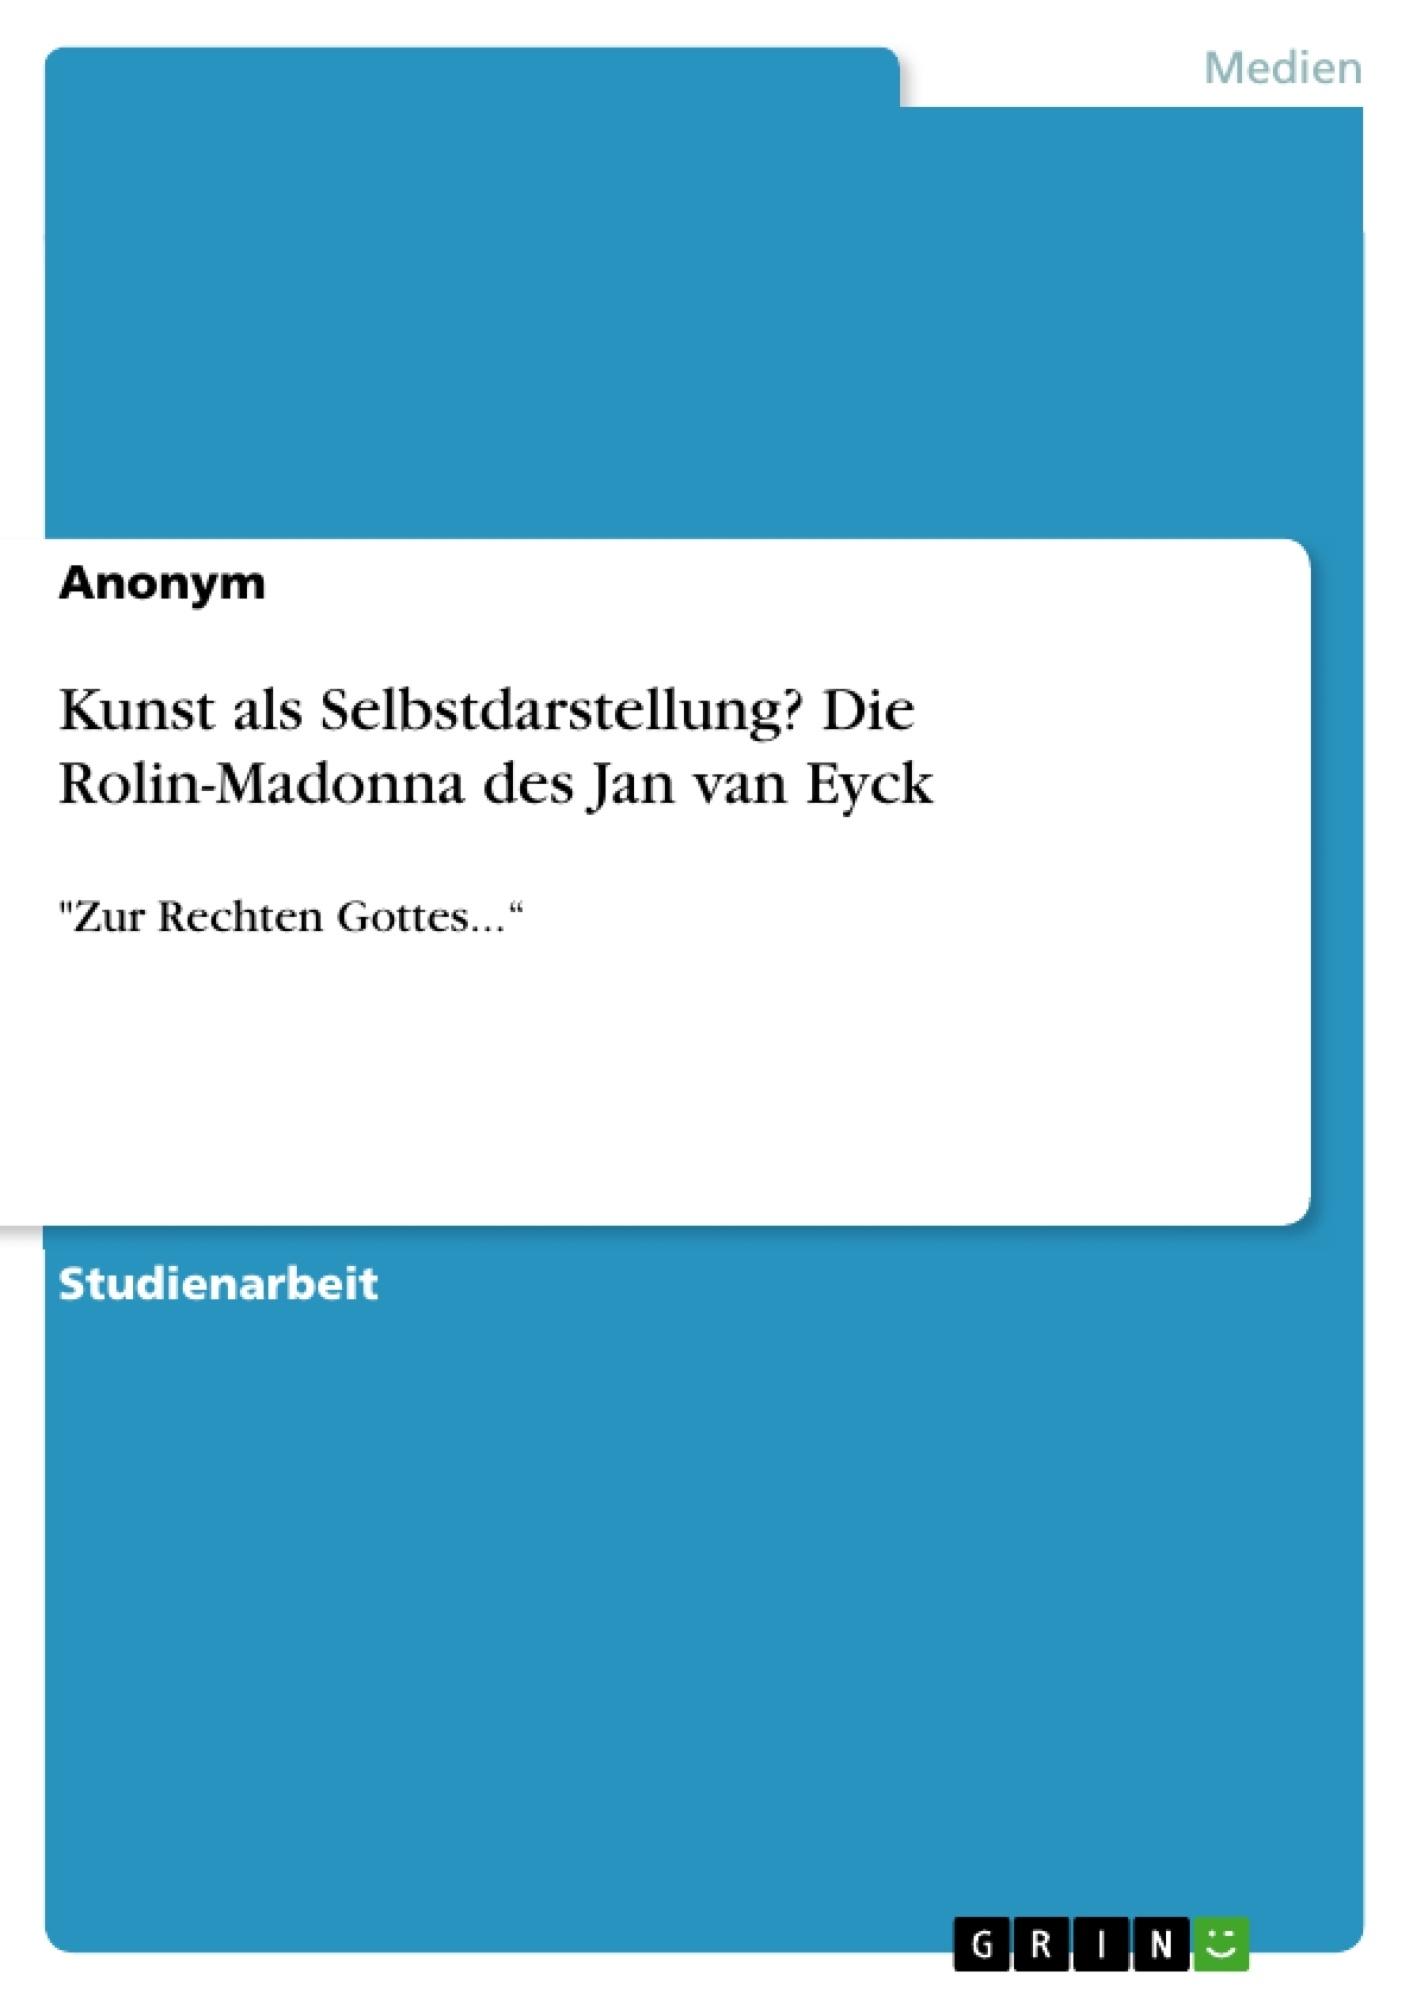 Titel: Kunst als Selbstdarstellung? Die Rolin-Madonna des Jan van Eyck